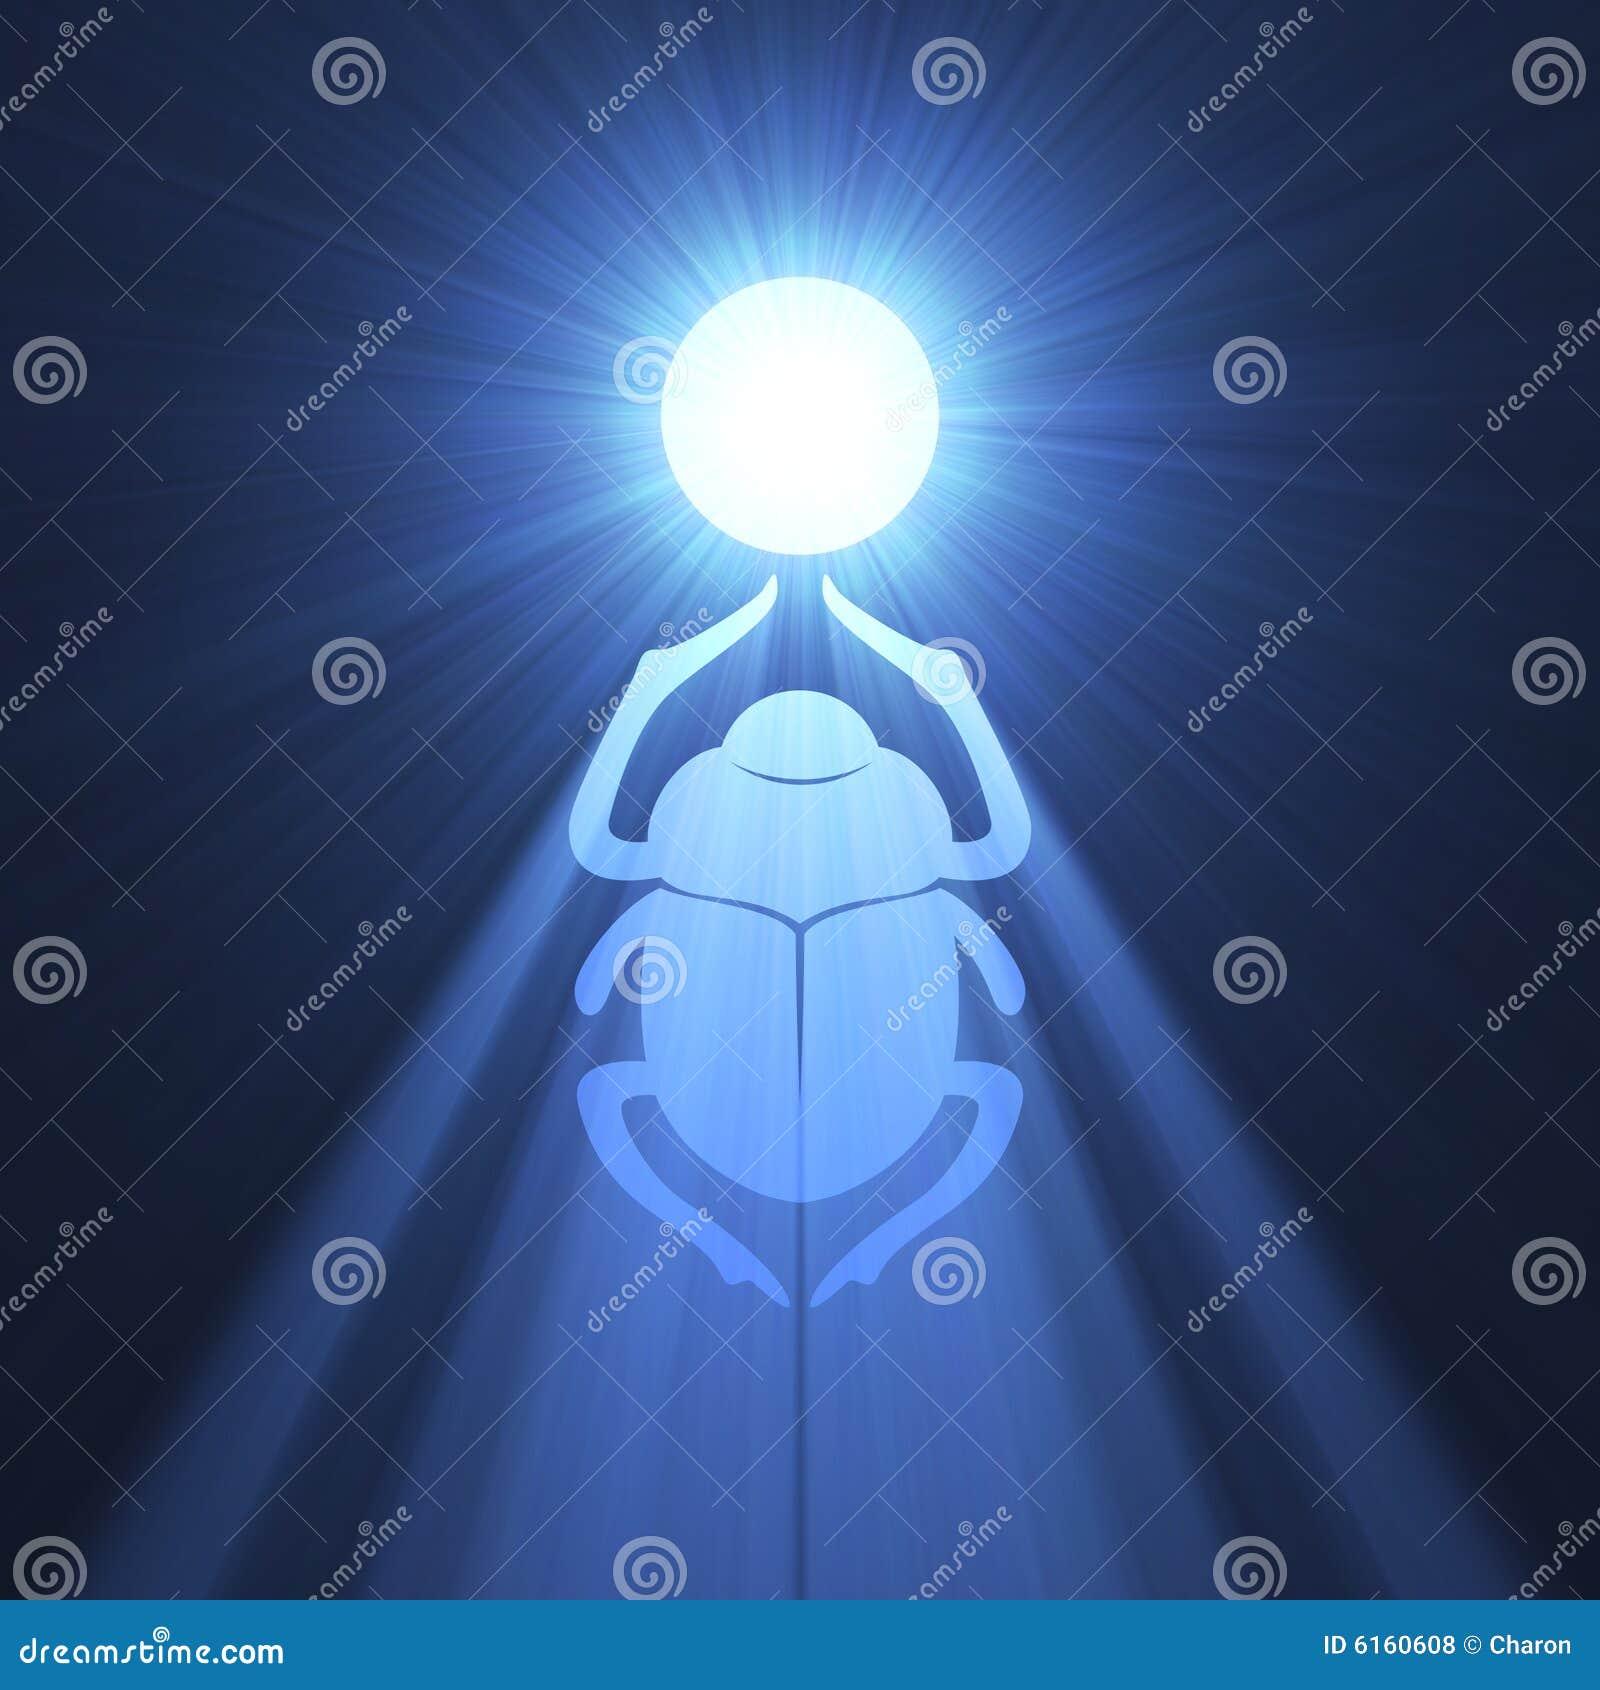 Símbolo azul de la flama del escarabajo del escarabajo